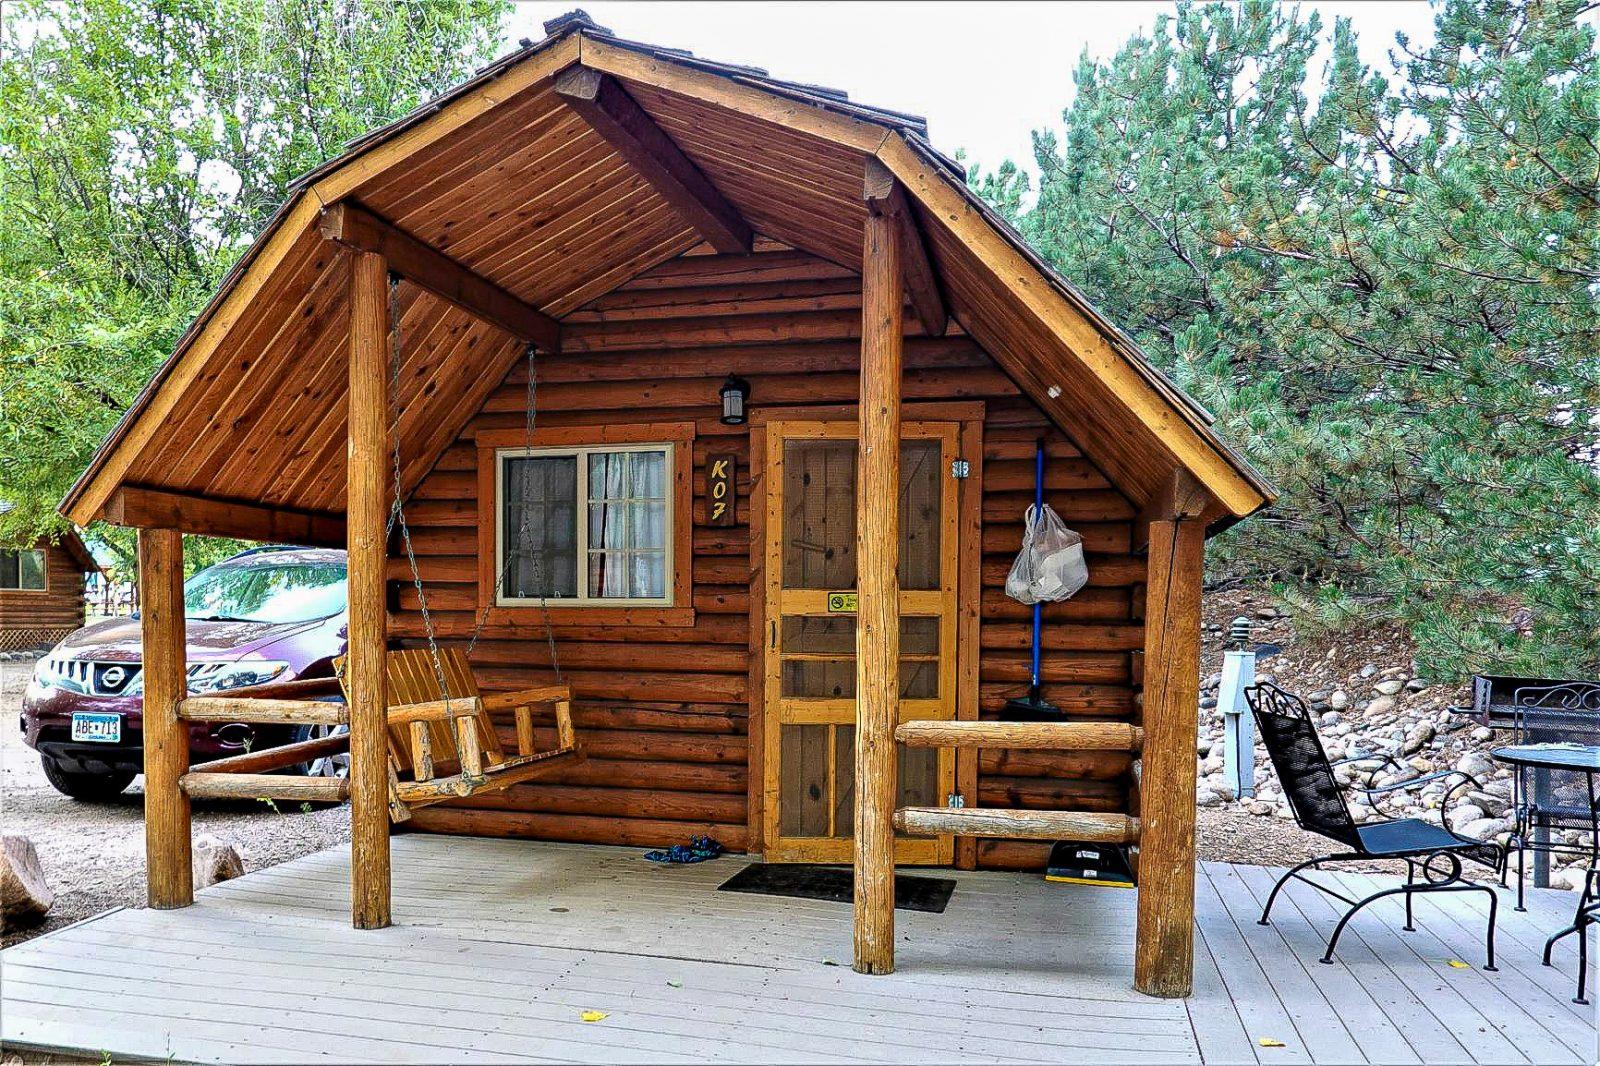 utleiehytte i usa på Koa camping